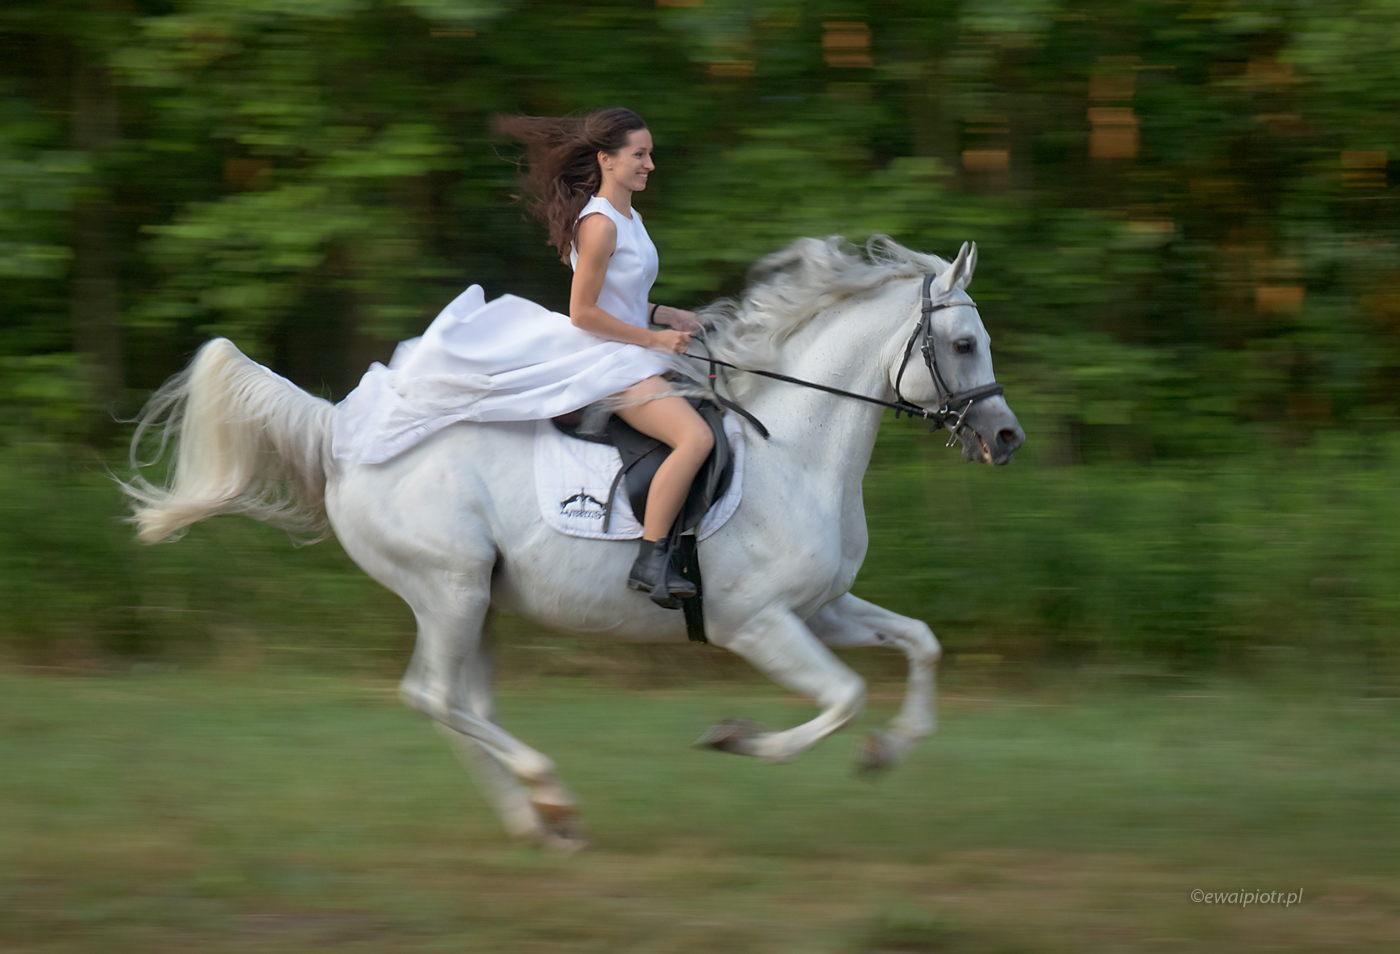 Dziewczyna na koniu, Świętokrzyskie, panoramowanie, paning